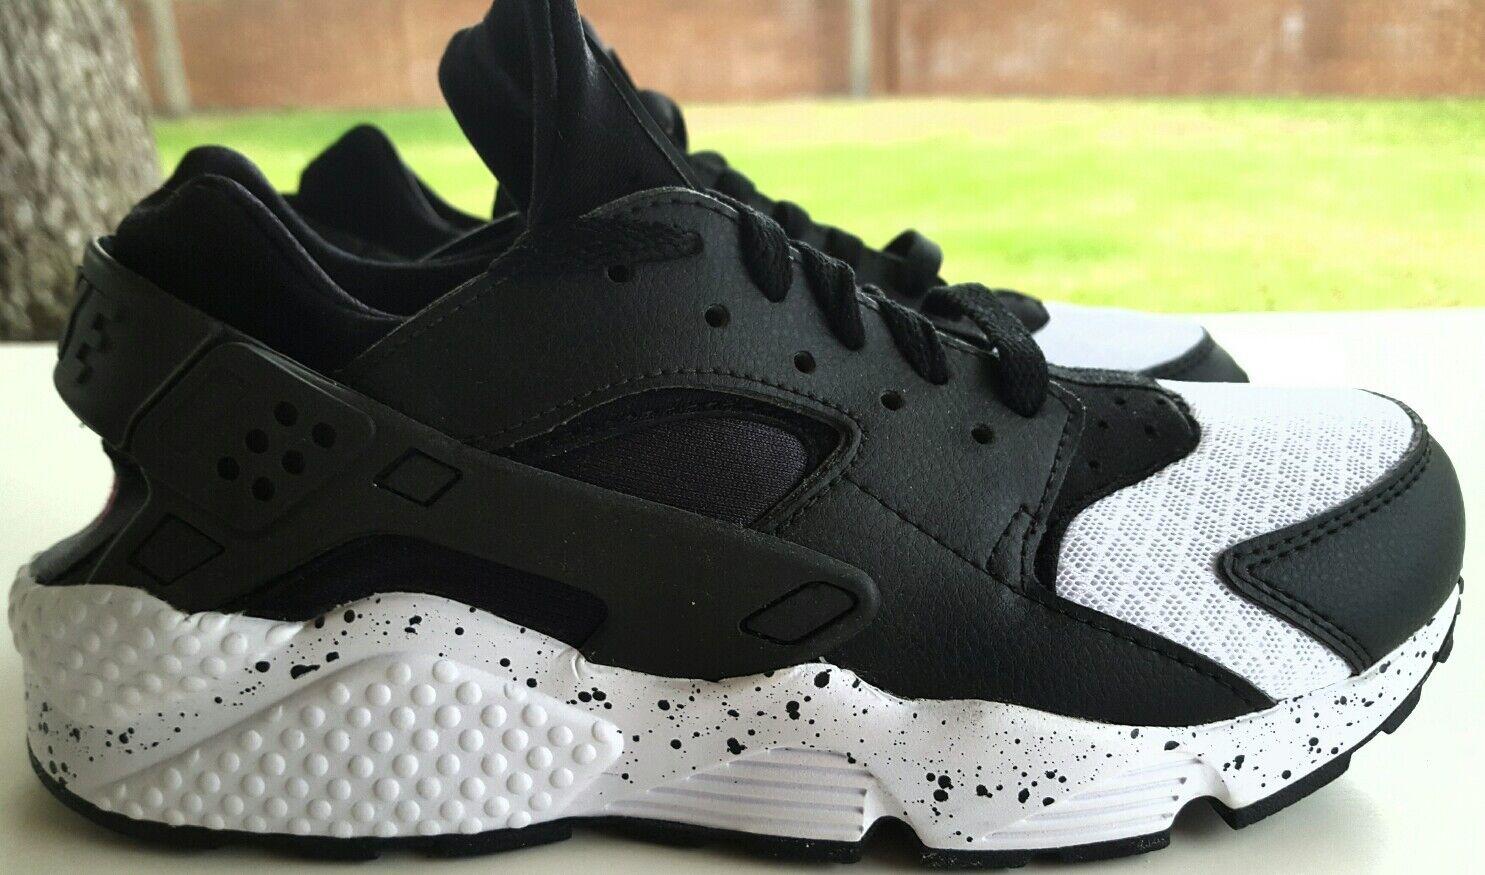 Nike max lebron xi basso (dunkman) dimensione gioventù / o donne msrp: 135